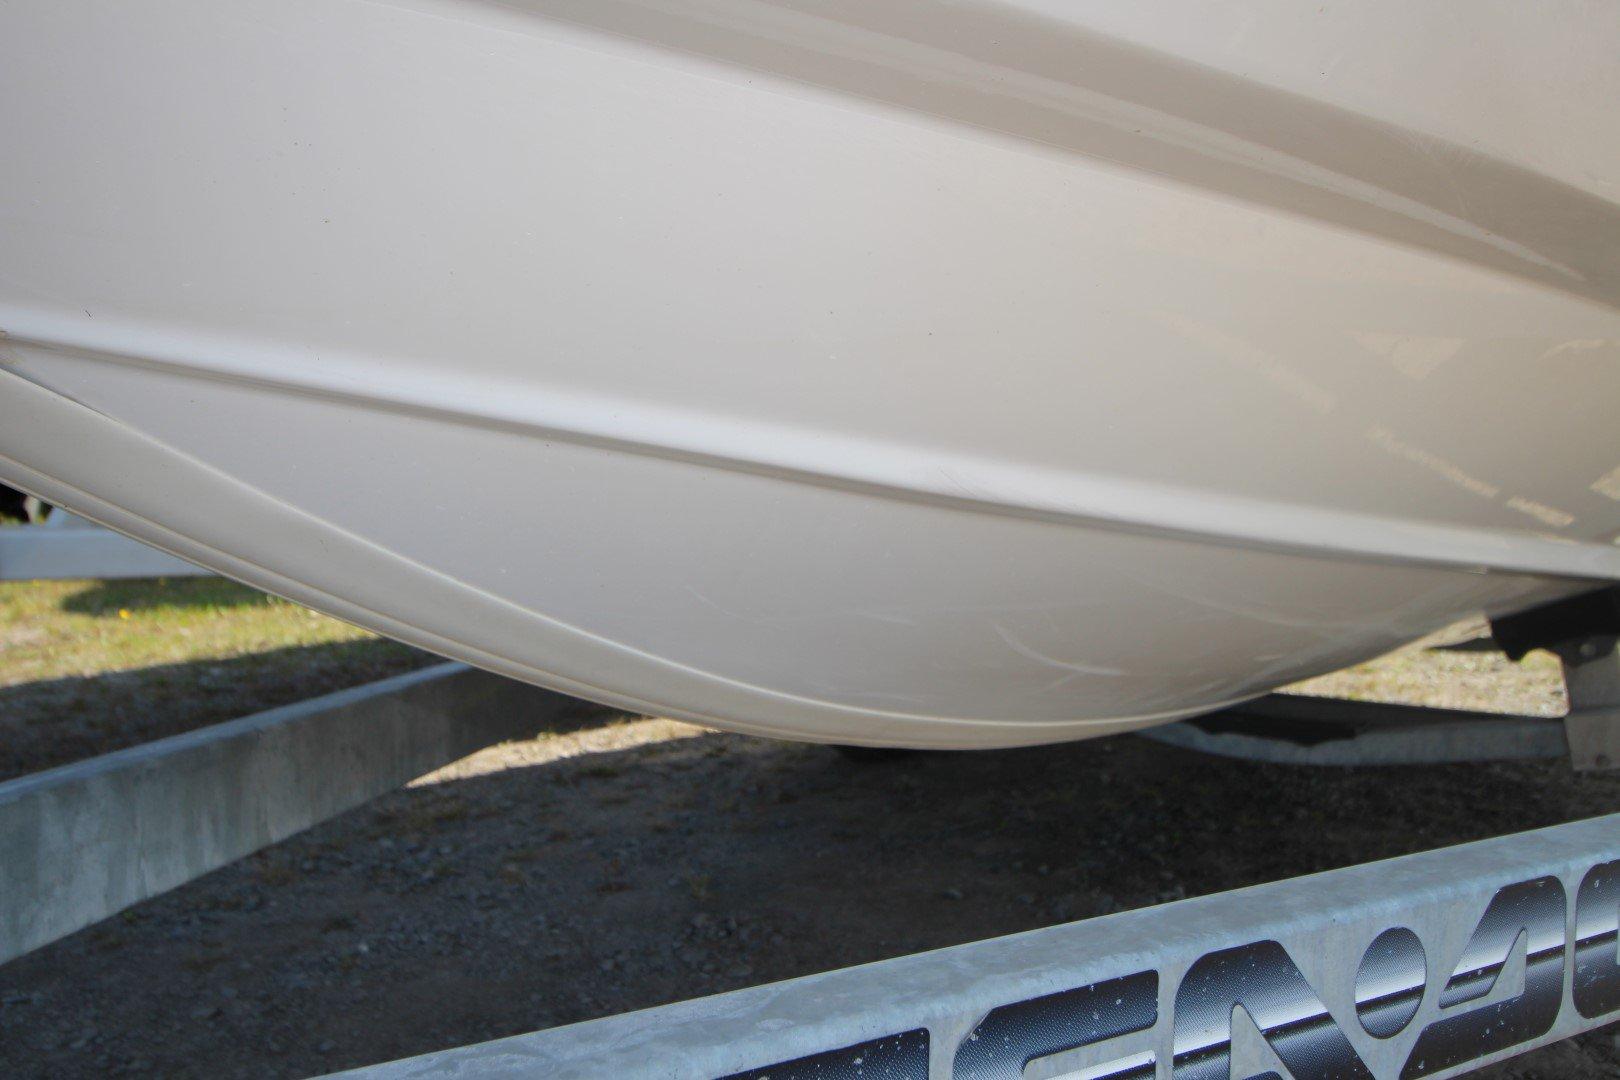 BRP Sea doo Challenger 180 - IMG_2252